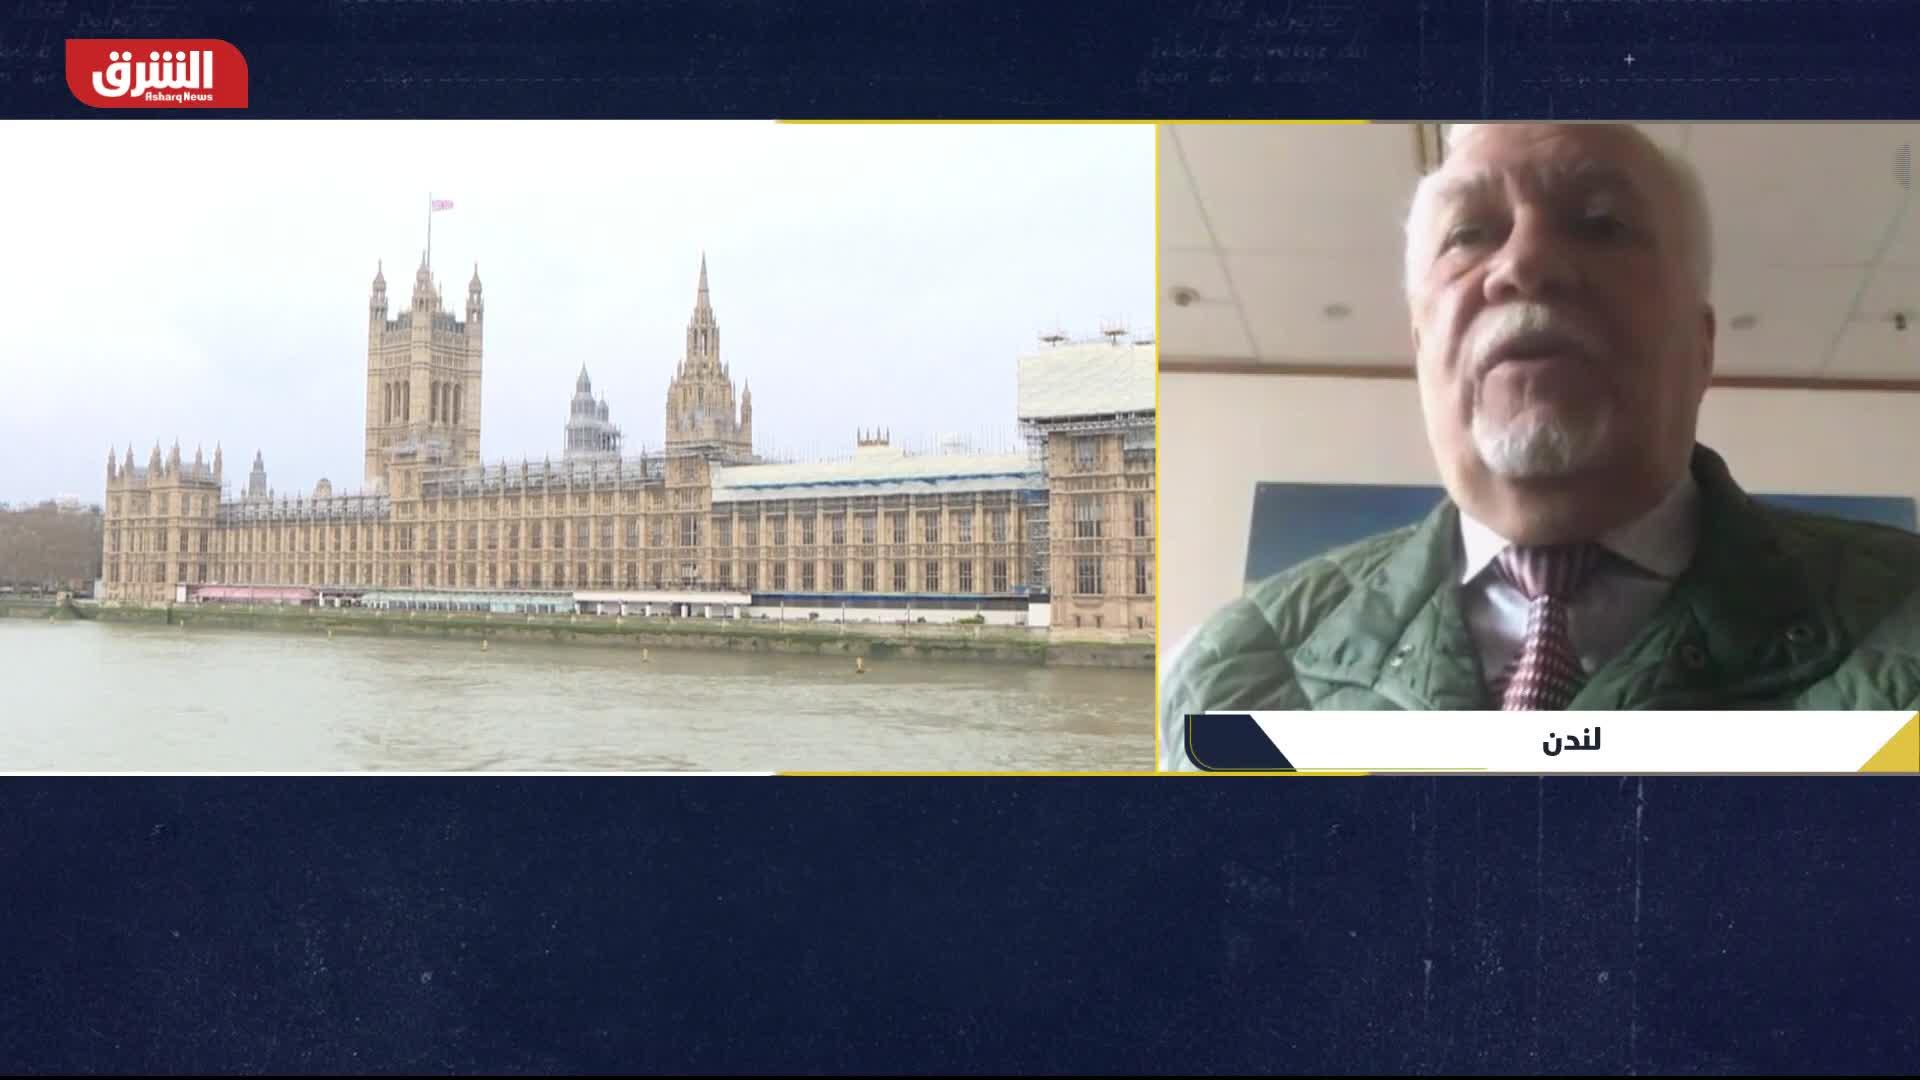 هل تعتقد بريطانيا أن التحالفات مع الولايات المتحدة هي تمهيد لدعم اقتصادي؟